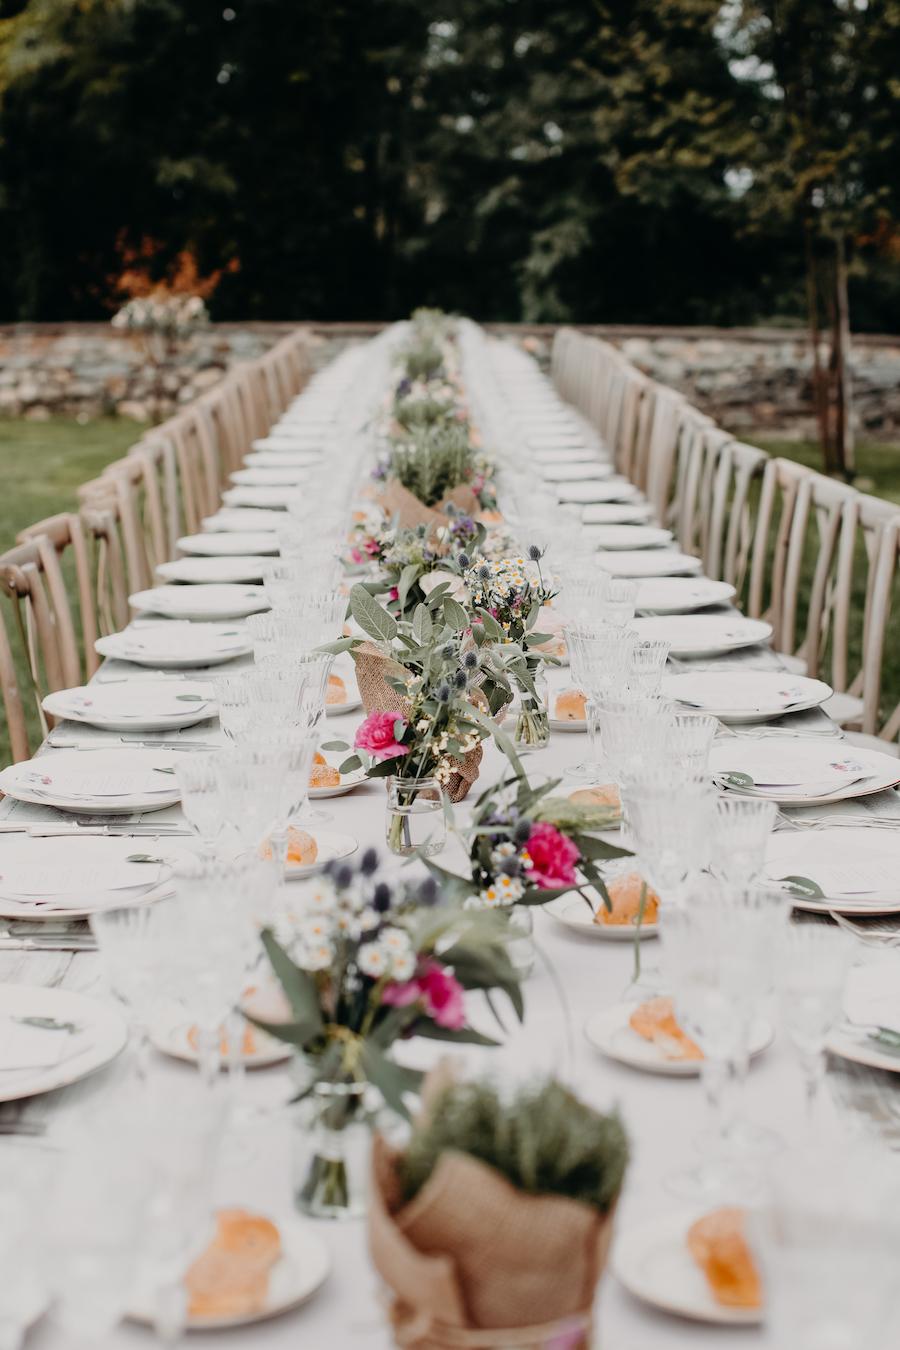 tavolo matrimonio bucolico